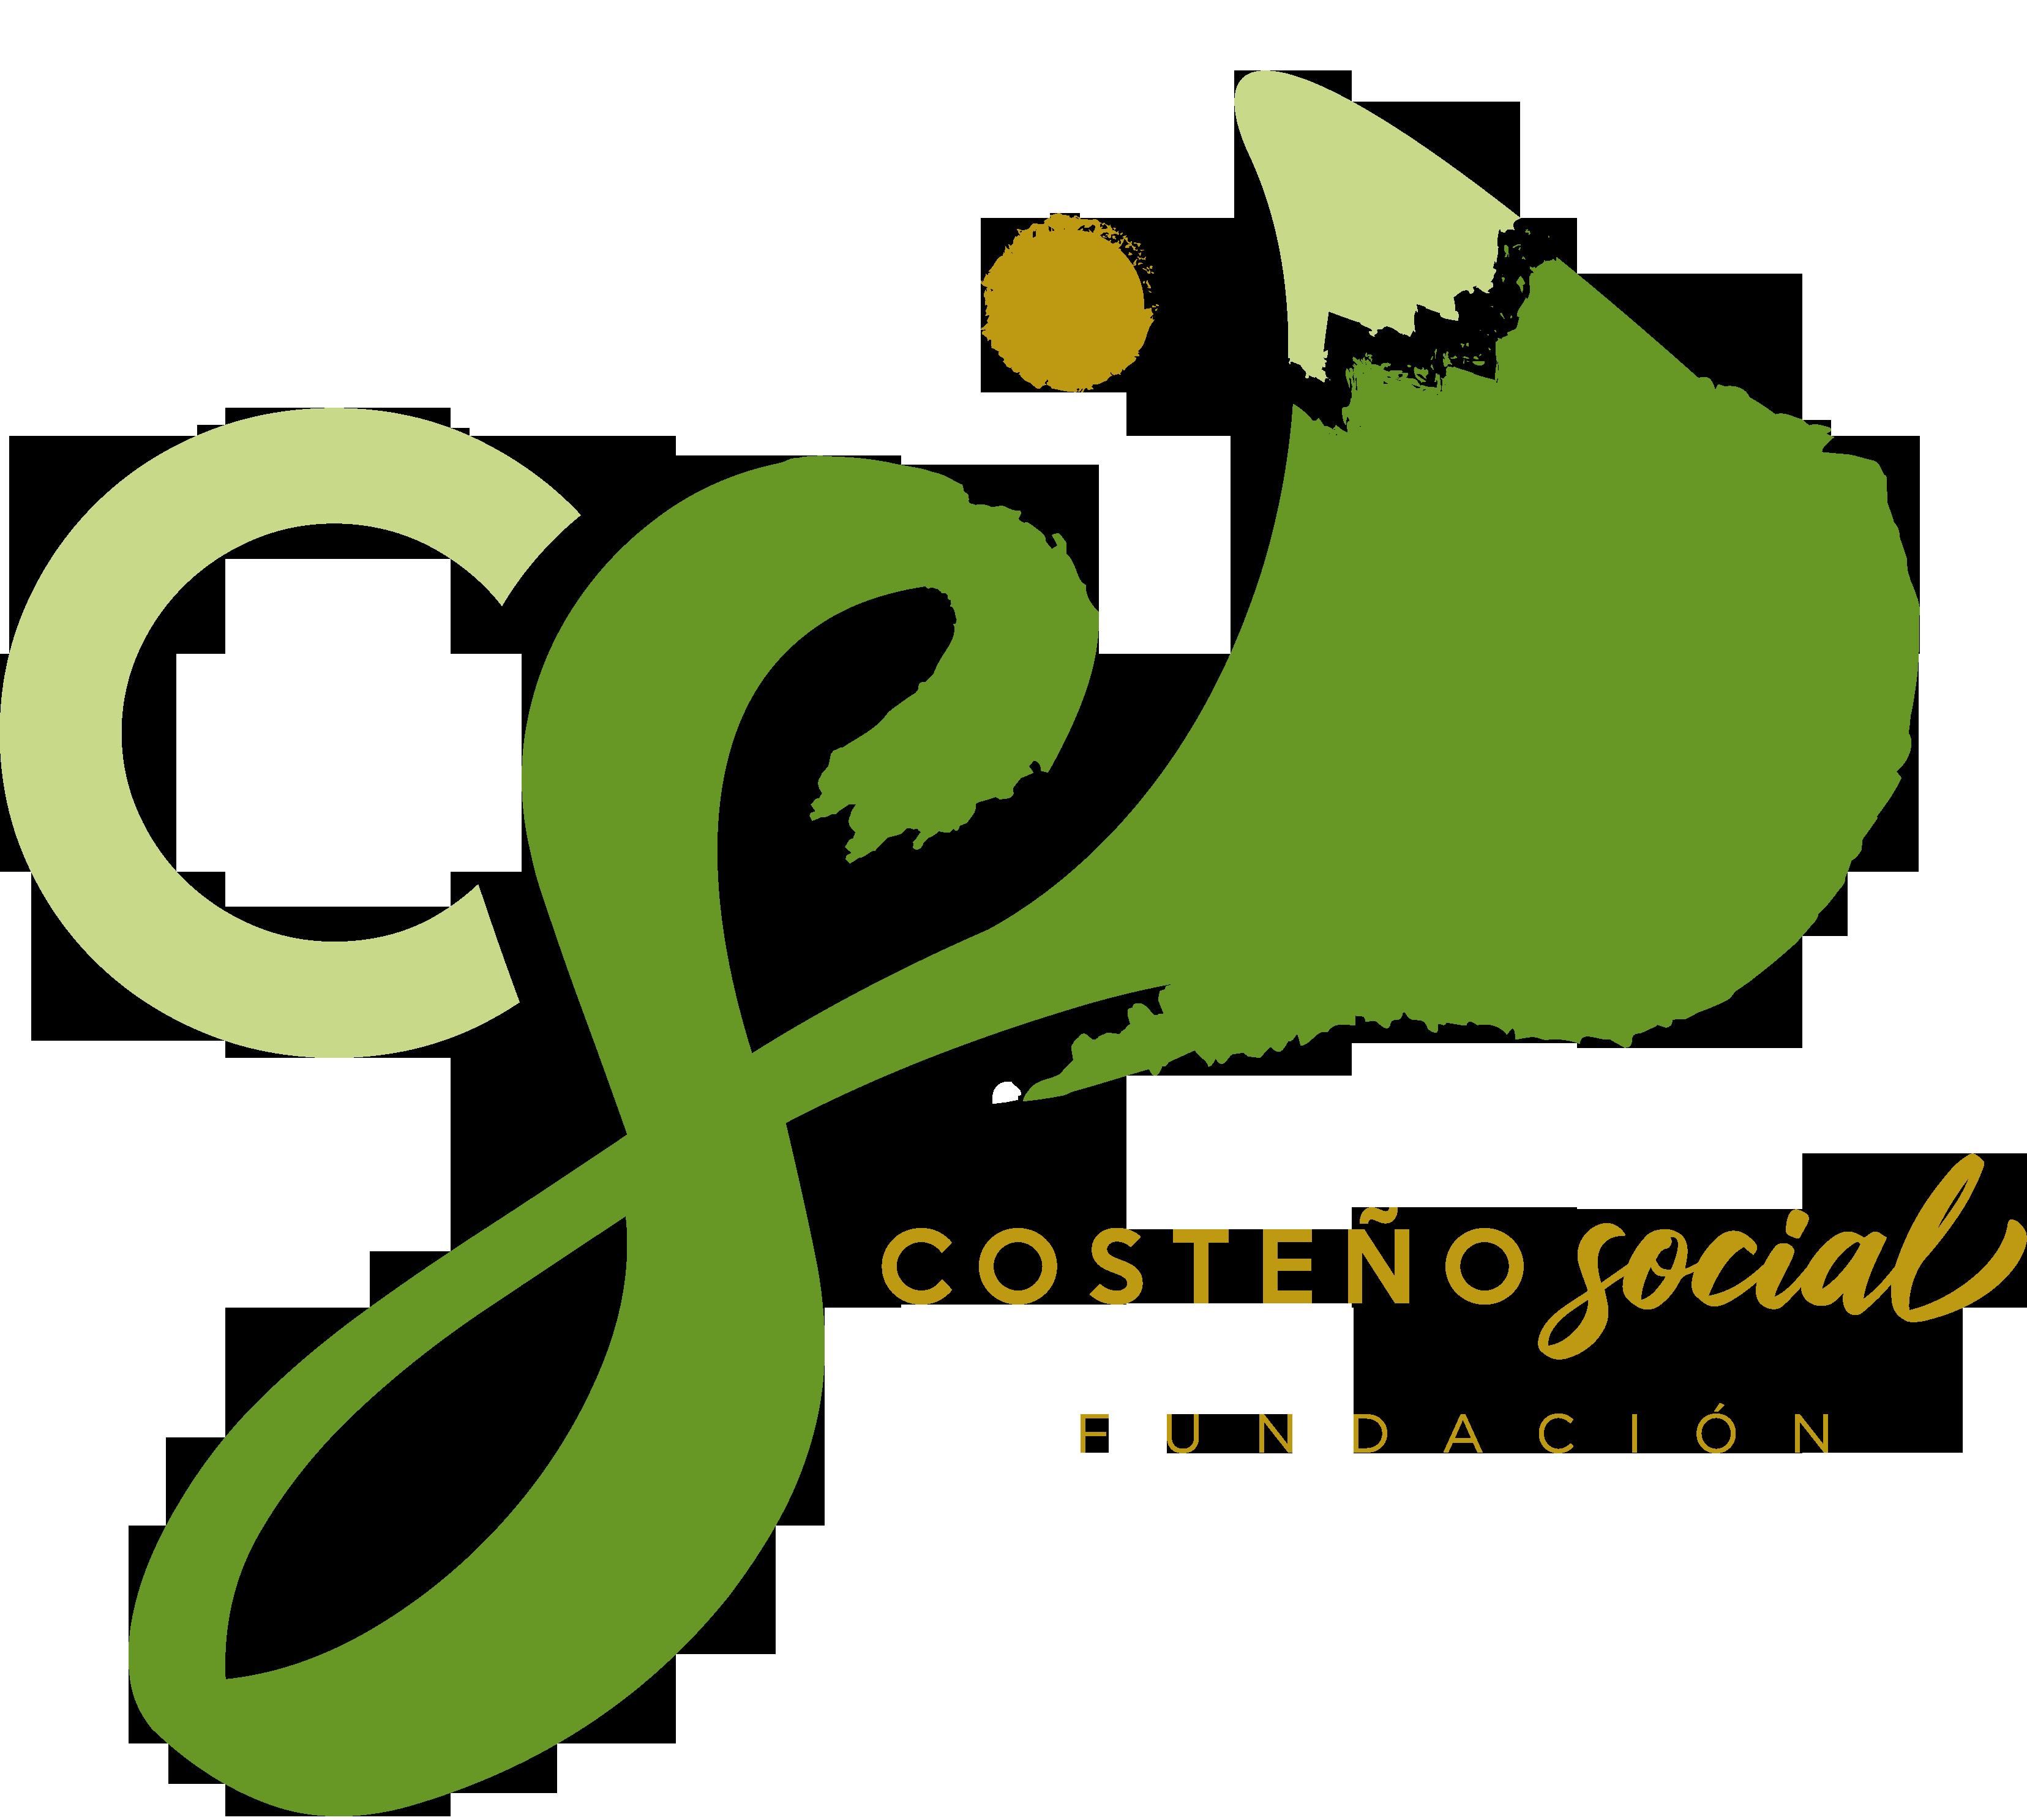 Costeño Social Fundación